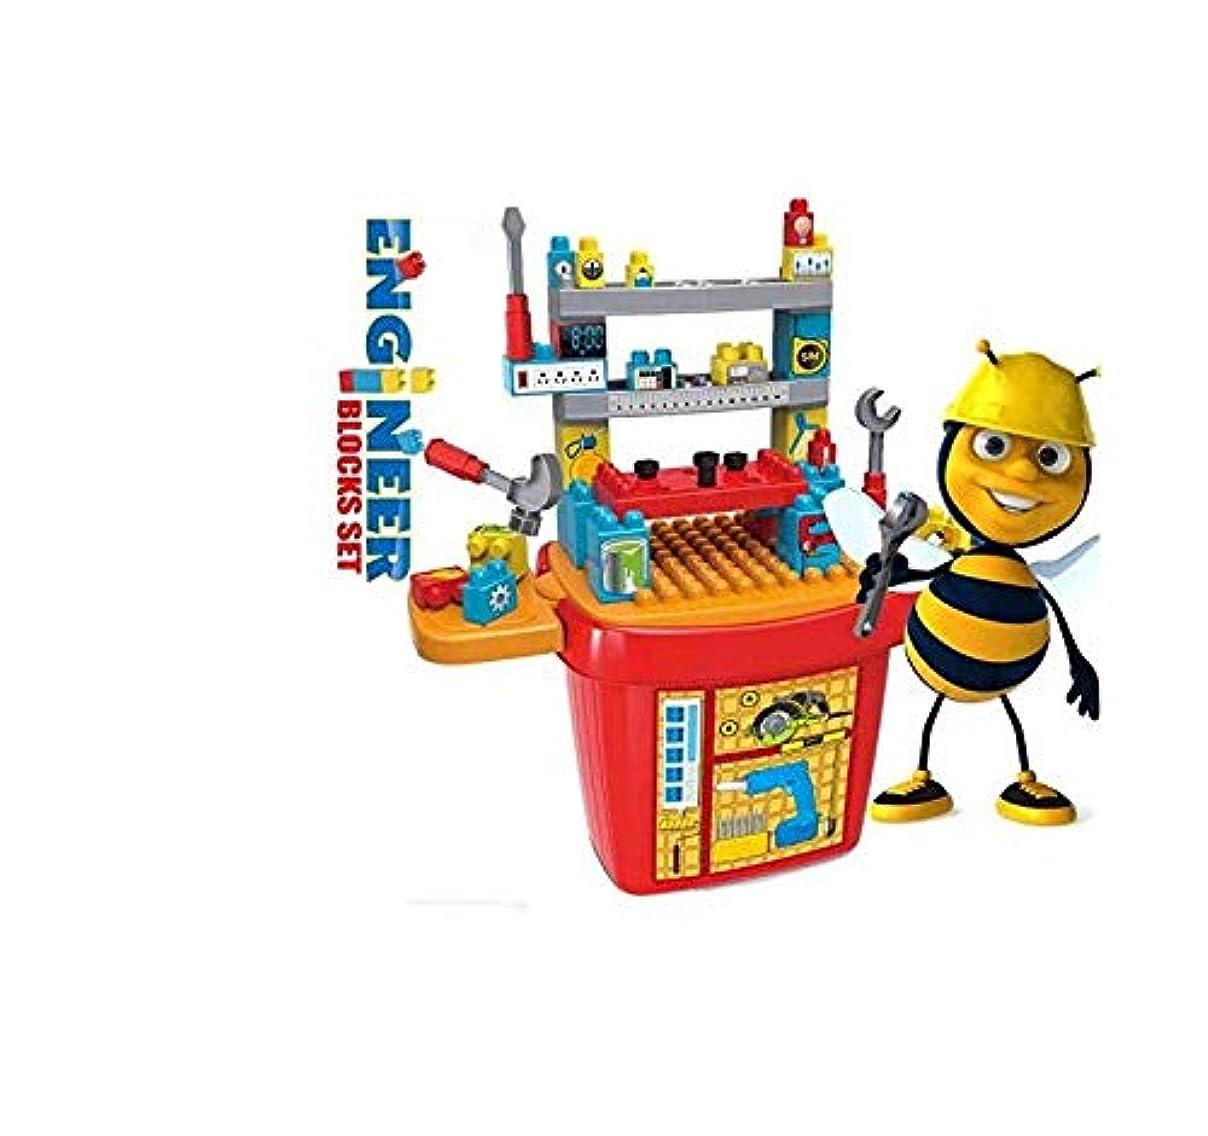 シュート緩める底大工さんセット カーペンターテーブル  幼児 キッズ 組み立て 知育 おもちゃ ワークセンター 子どもの誕生日プレゼント クリスマスプレゼント